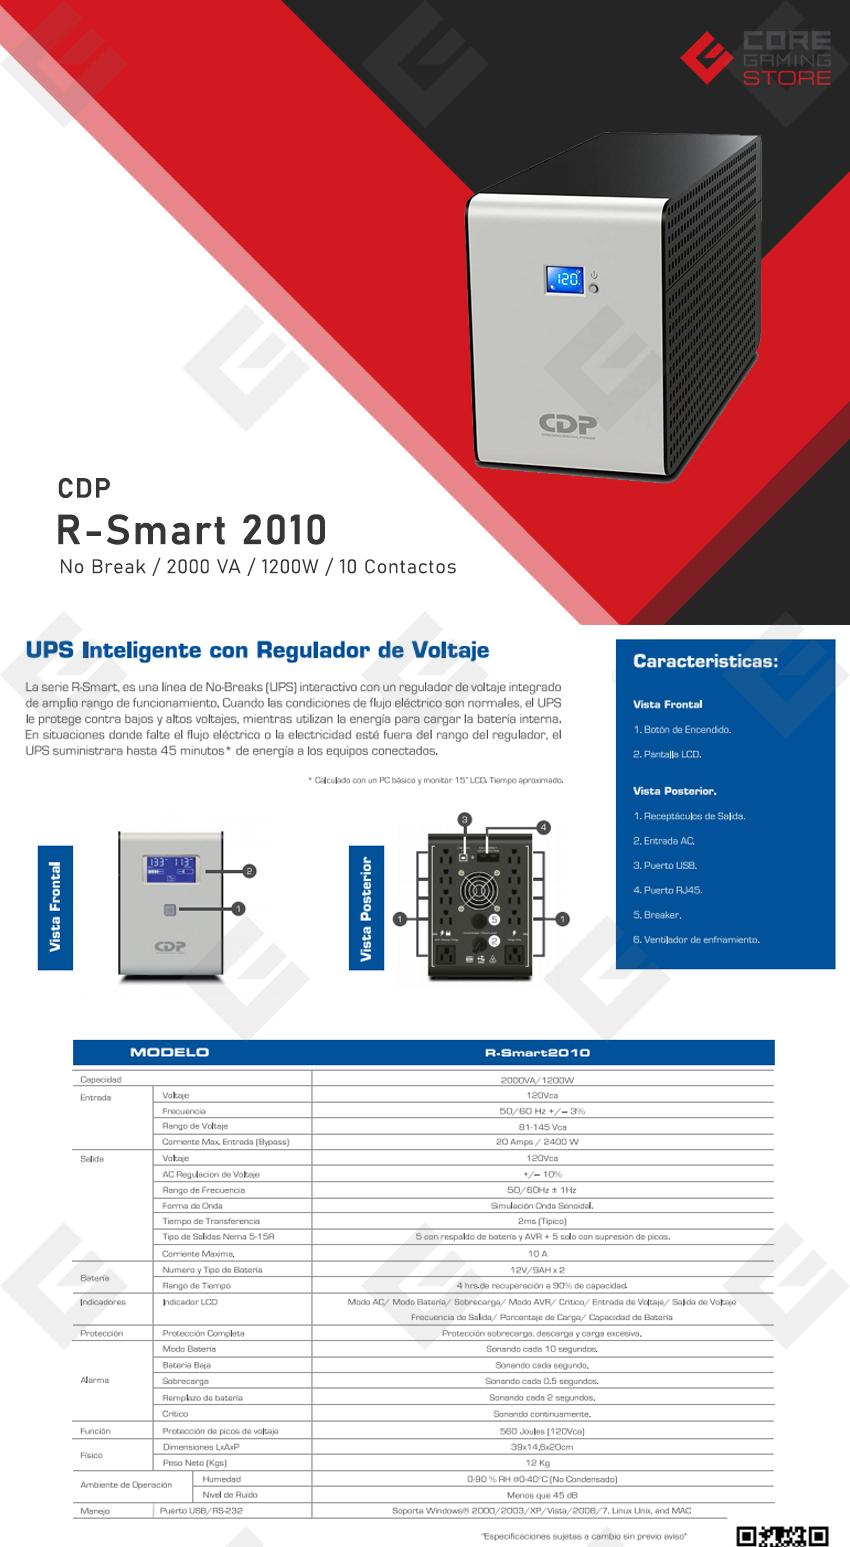 No-Break CDP, R-Smart 2010, 2000VA, 1200W, 10 Contactos, UPS